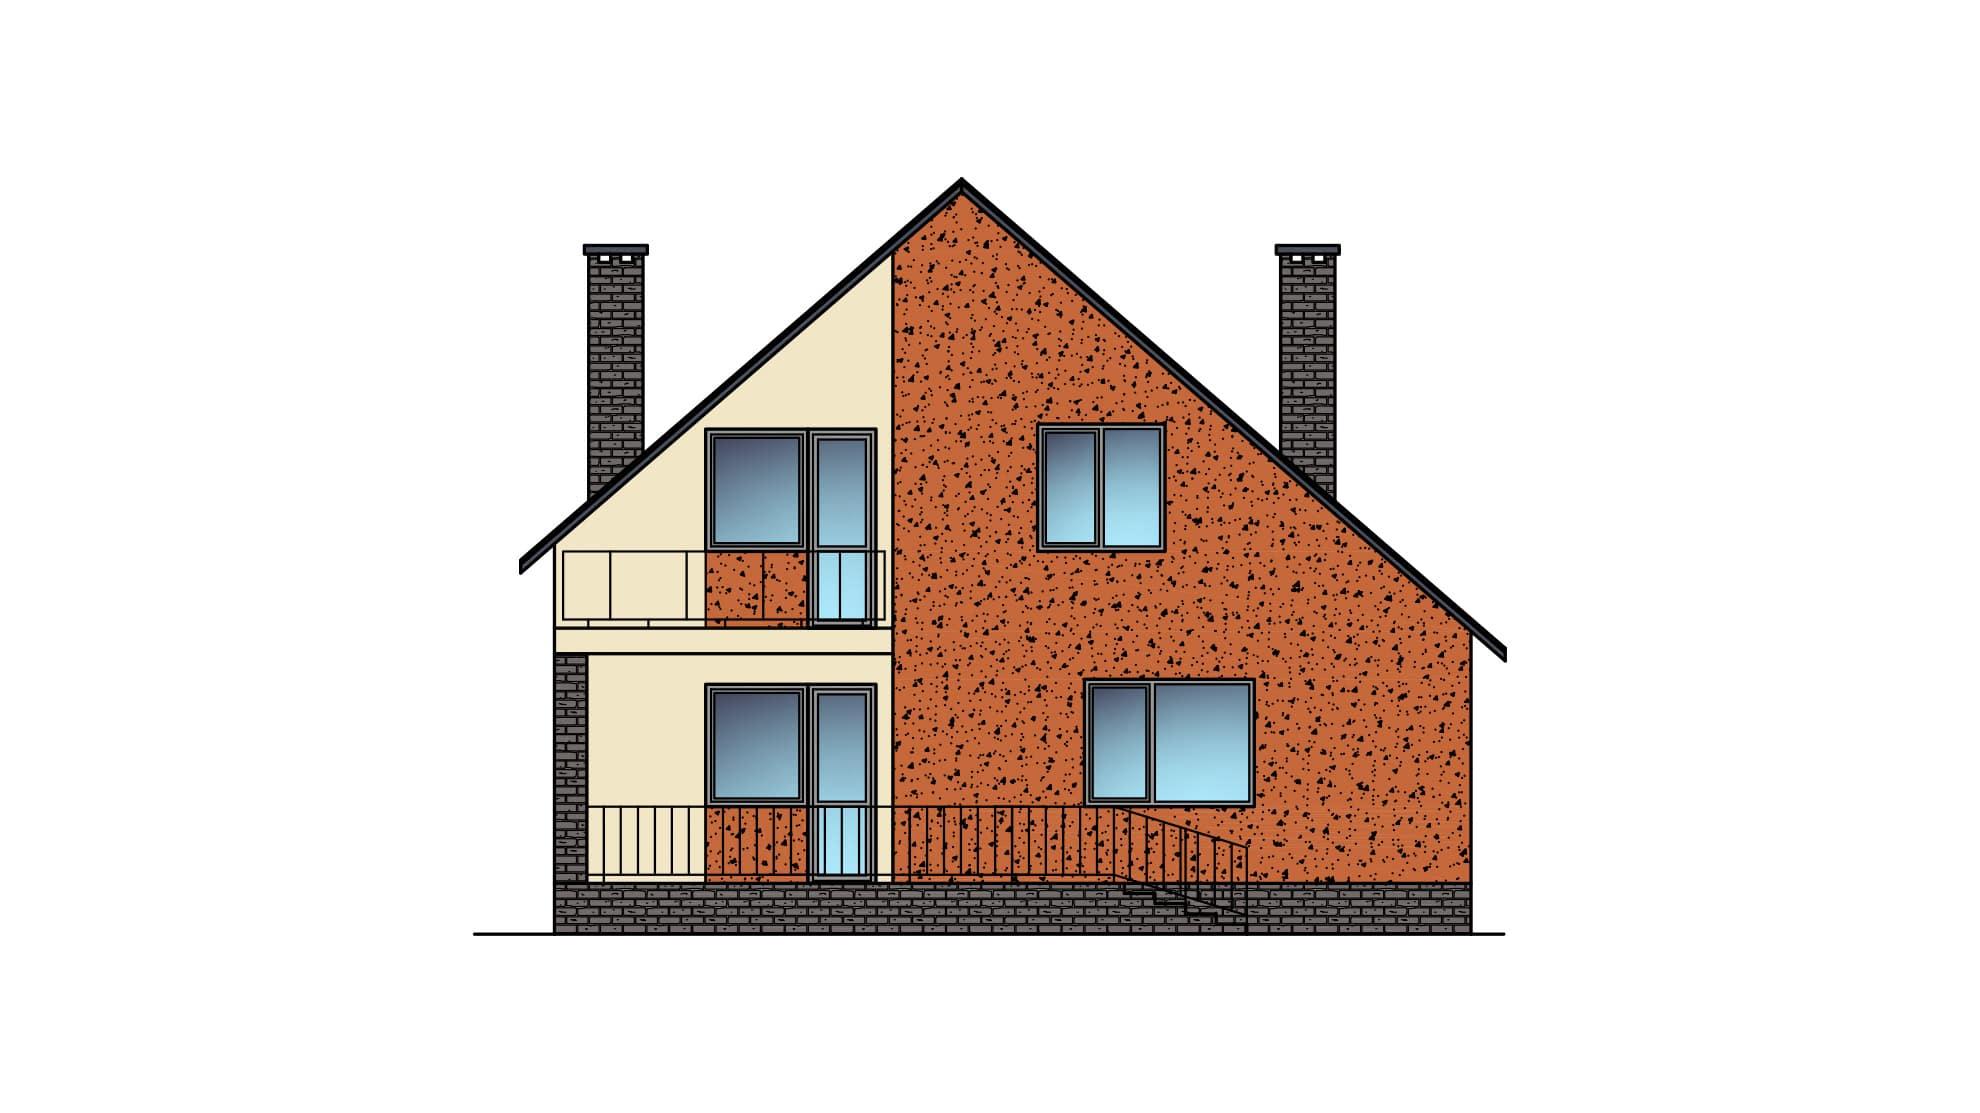 Фасад мансардного дома с гаражом, террасой и балконом «КМ-22» - сзади